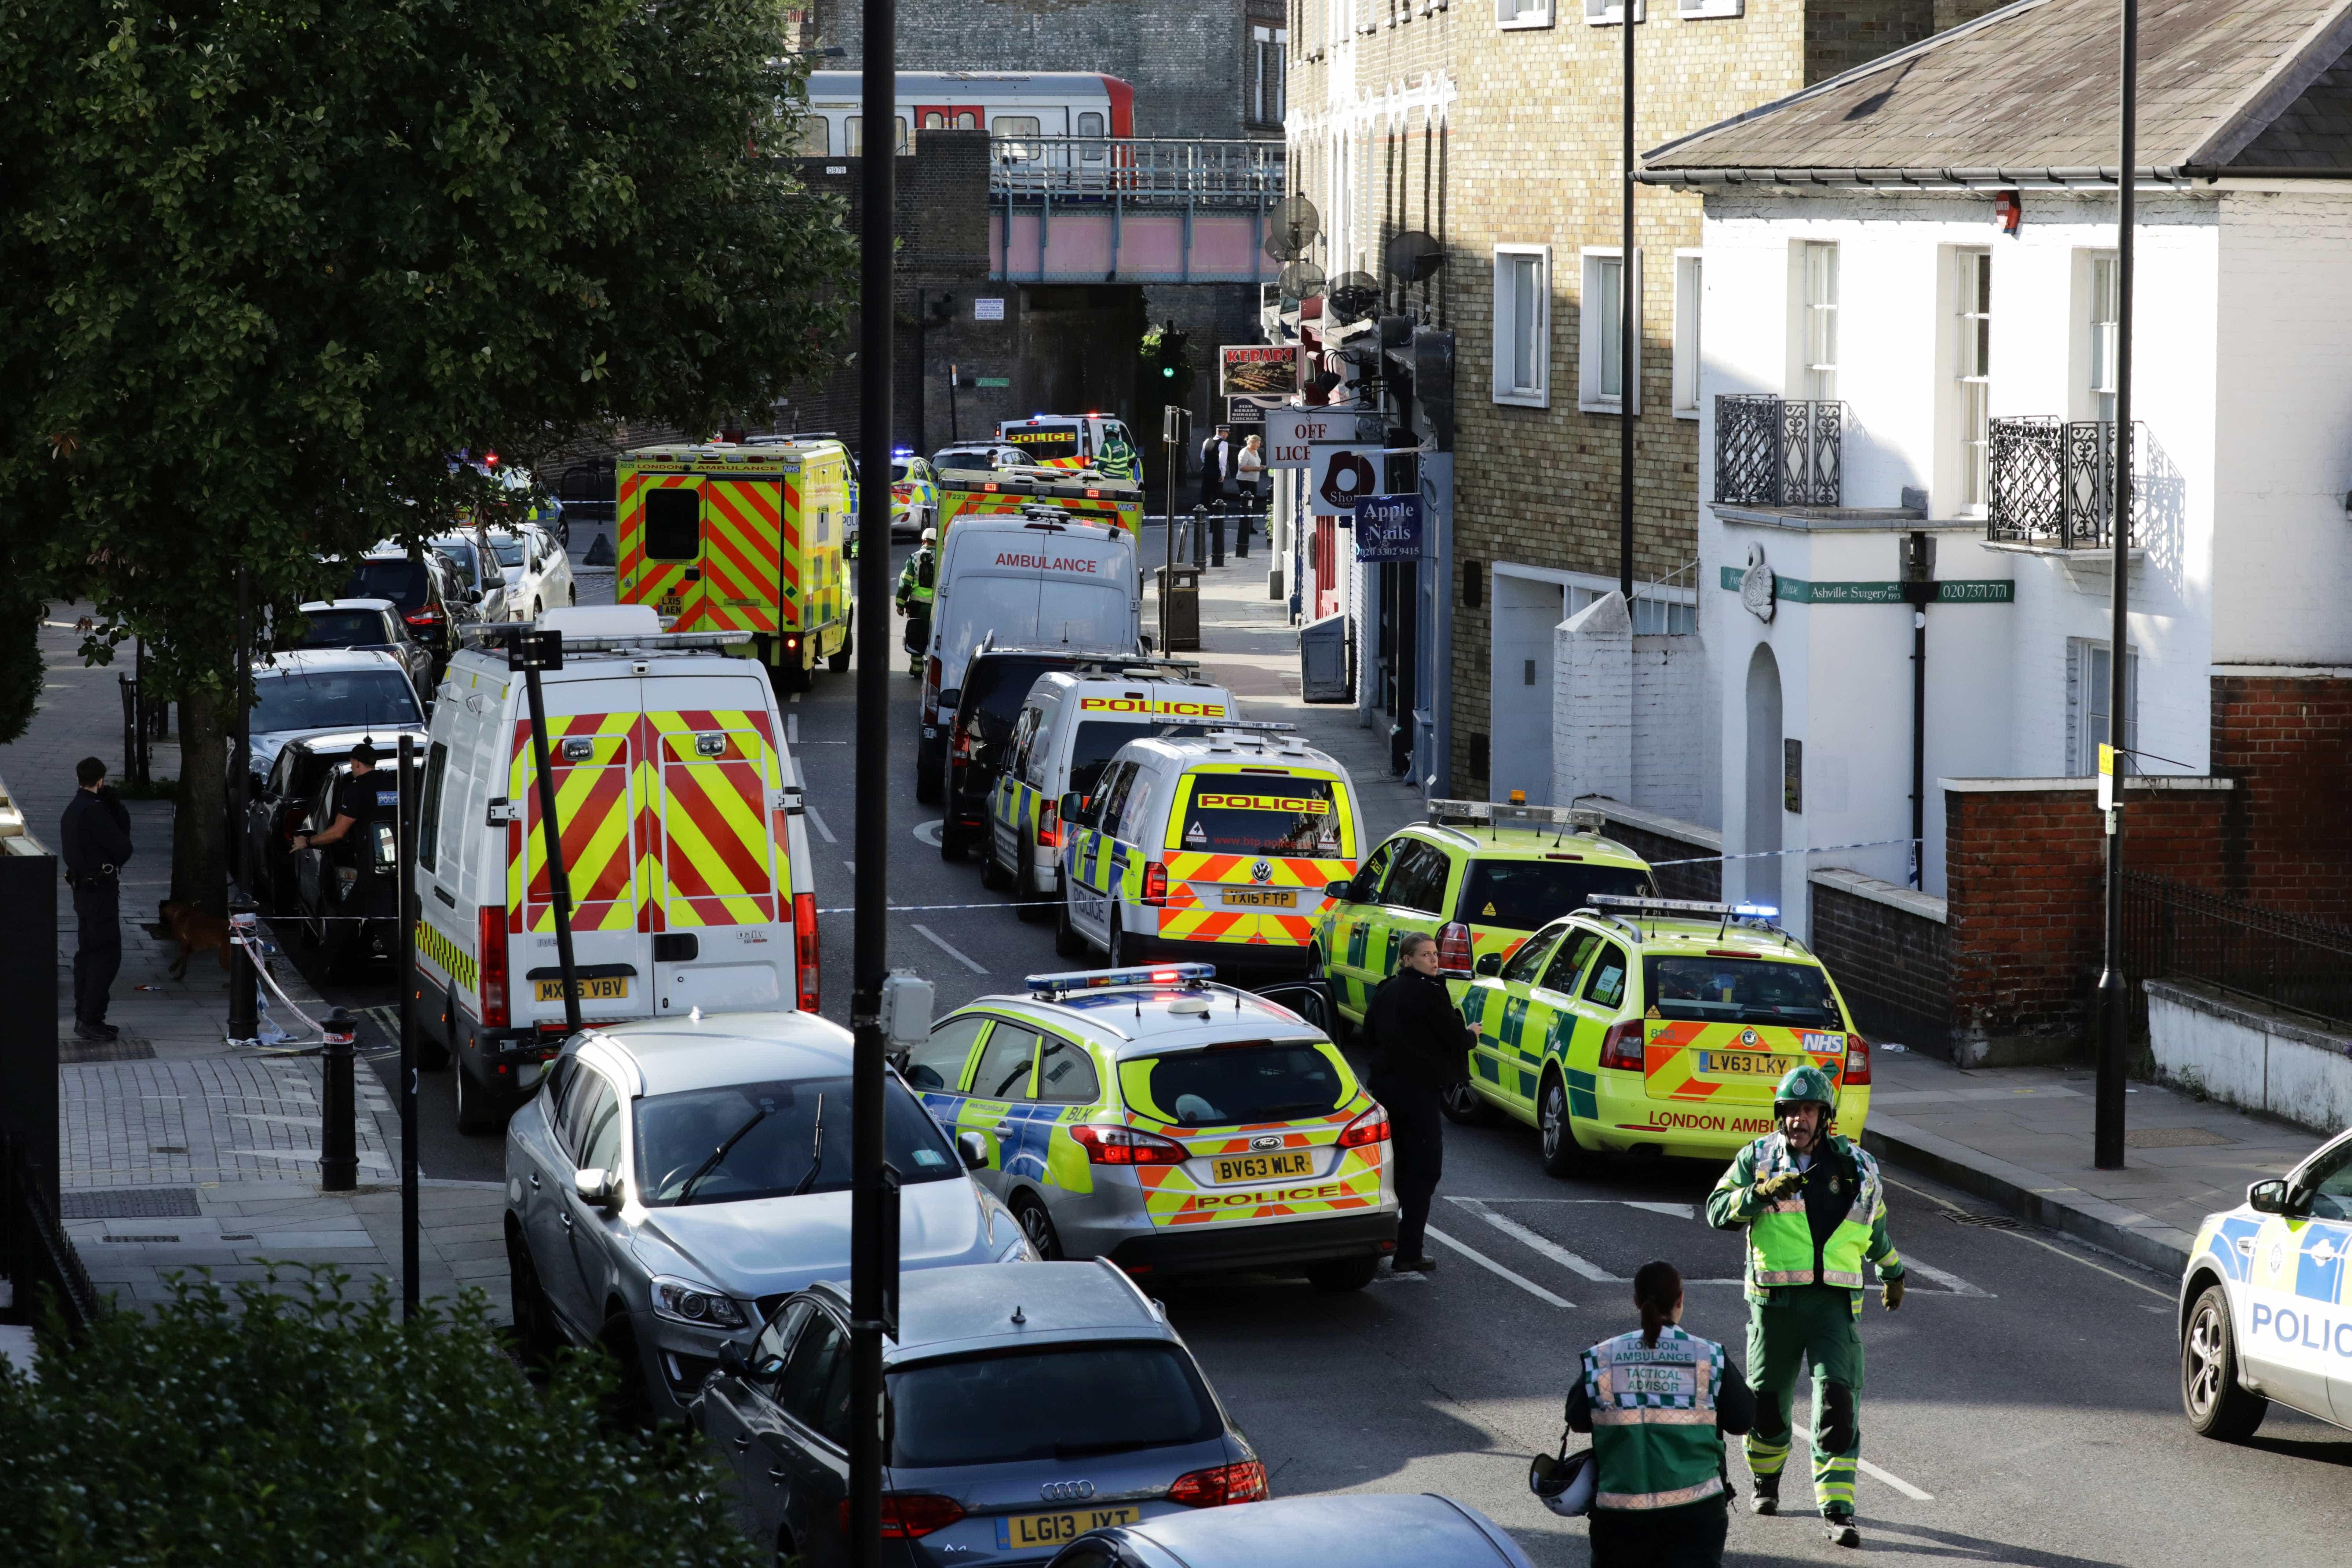 Ataque com faca deixa pelo menos duas pessoas feridas em Londres